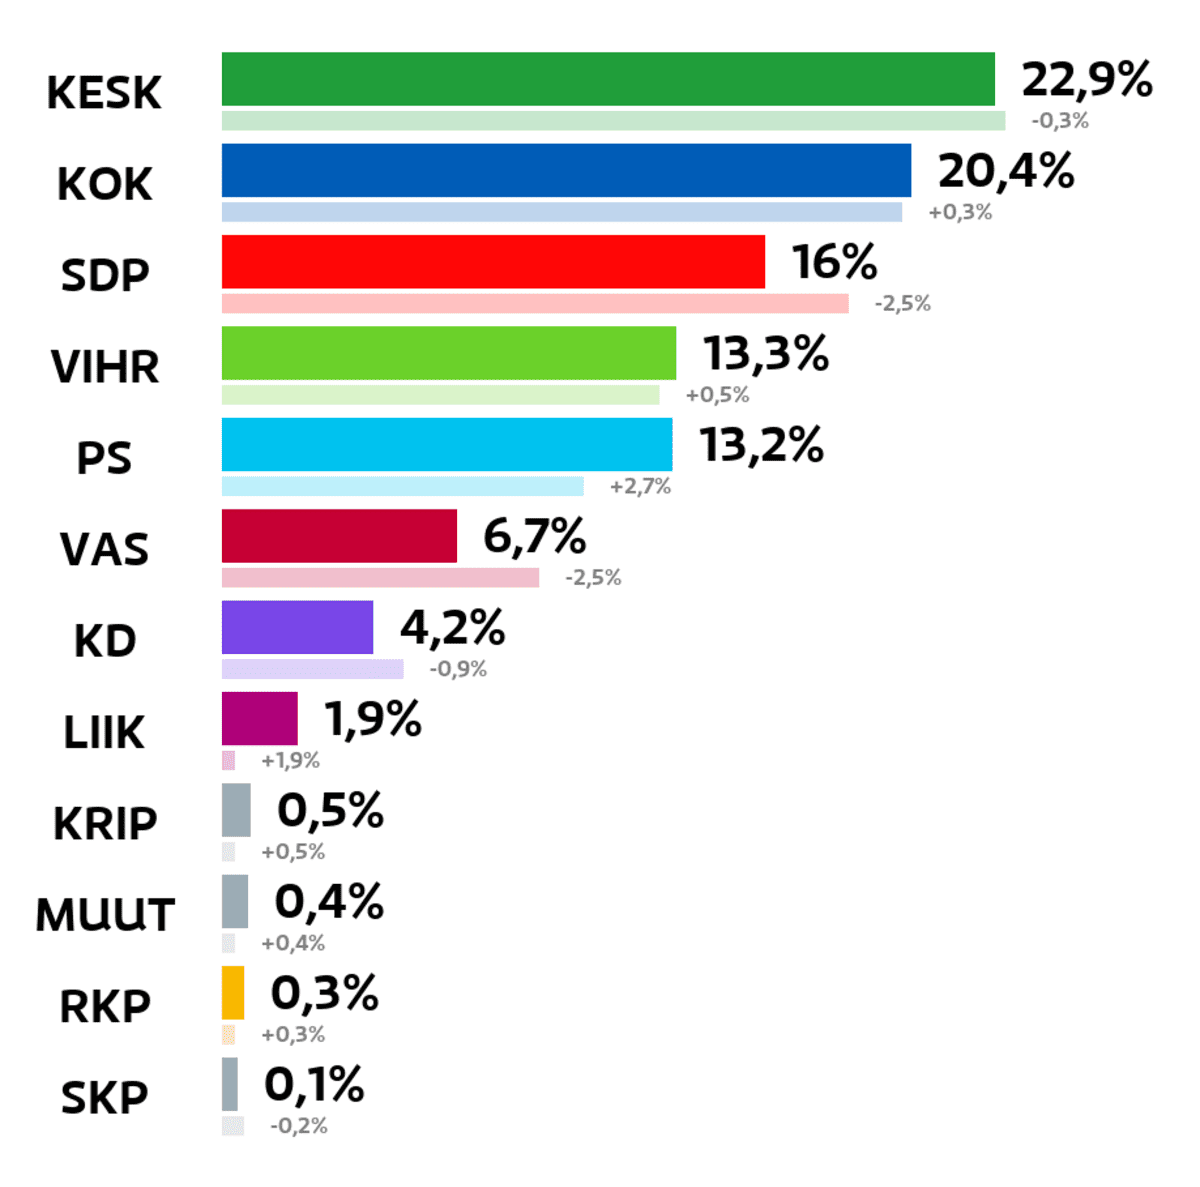 Kuopio: Kuntavaalien tulos (%) Keskusta: 22,9 prosenttia Kokoomus: 20,4 prosenttia SDP: 16 prosenttia Vihreät: 13,3 prosenttia Perussuomalaiset: 13,2 prosenttia Vasemmistoliitto: 6,7 prosenttia Kristillisdemokraatit: 4,2 prosenttia Liike Nyt: 1,9 prosenttia Kristallipuolue: 0,5 prosenttia Muut ryhmät: 0,4 prosenttia RKP: 0,3 prosenttia Suomen Kommunistinen Puolue: 0,1 prosenttia